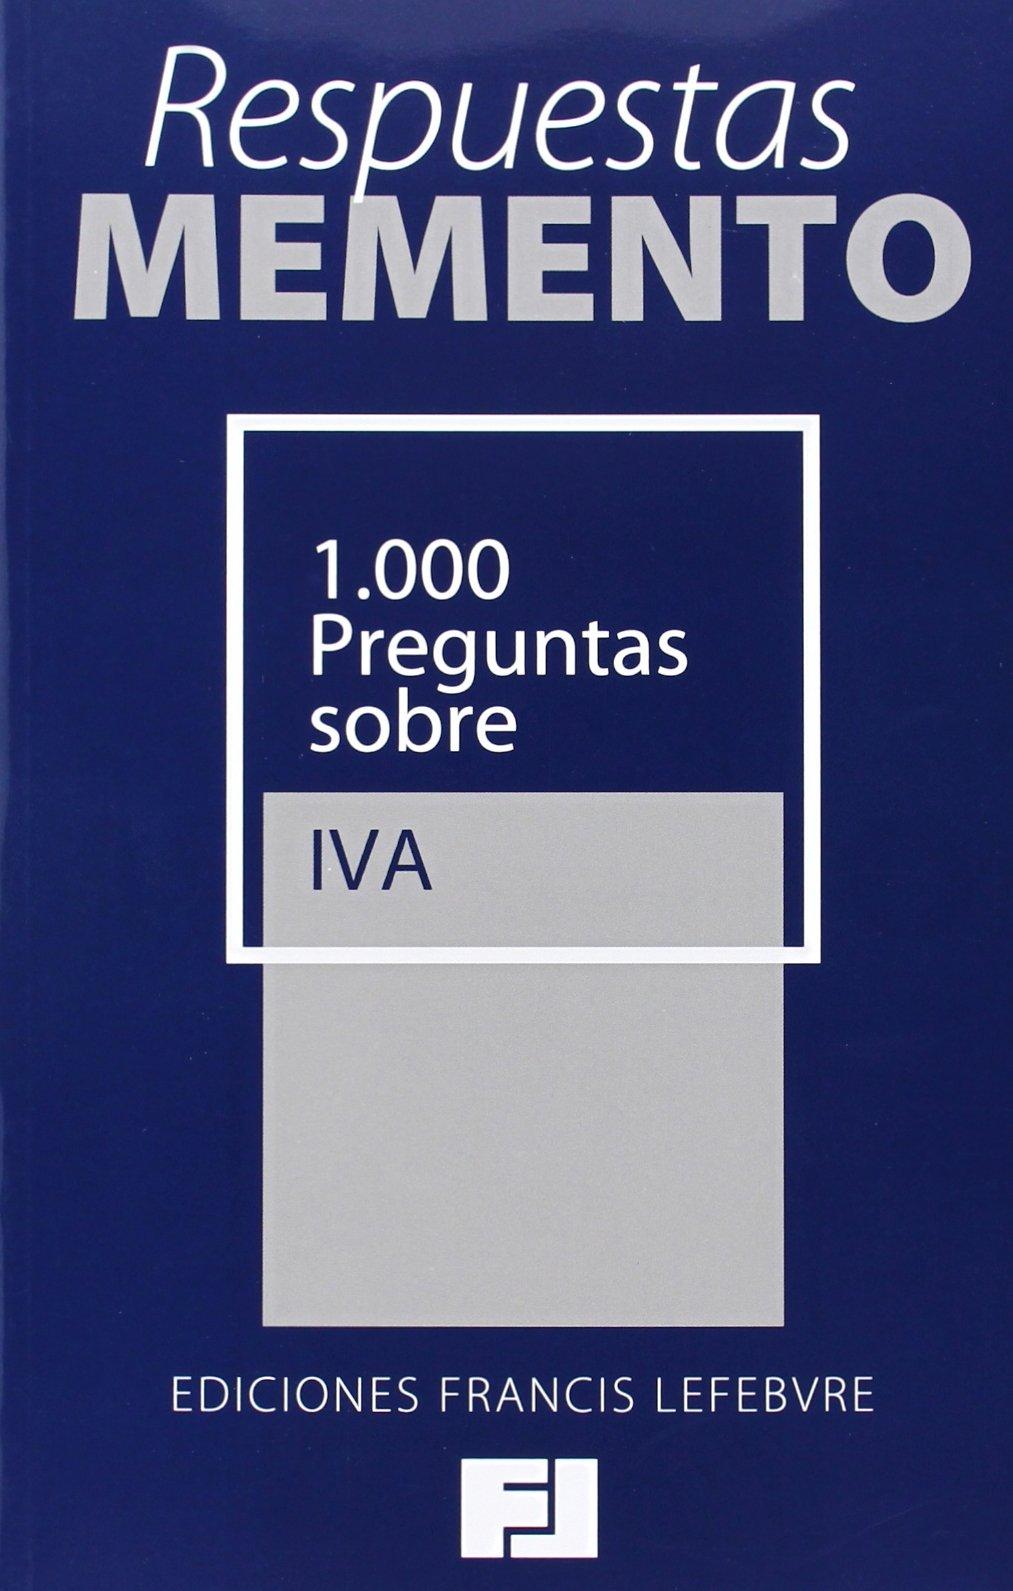 Respuestas Memento. 1.000 Preguntas sobre IVA: Amazon.es: Francis Lefebvre: Libros